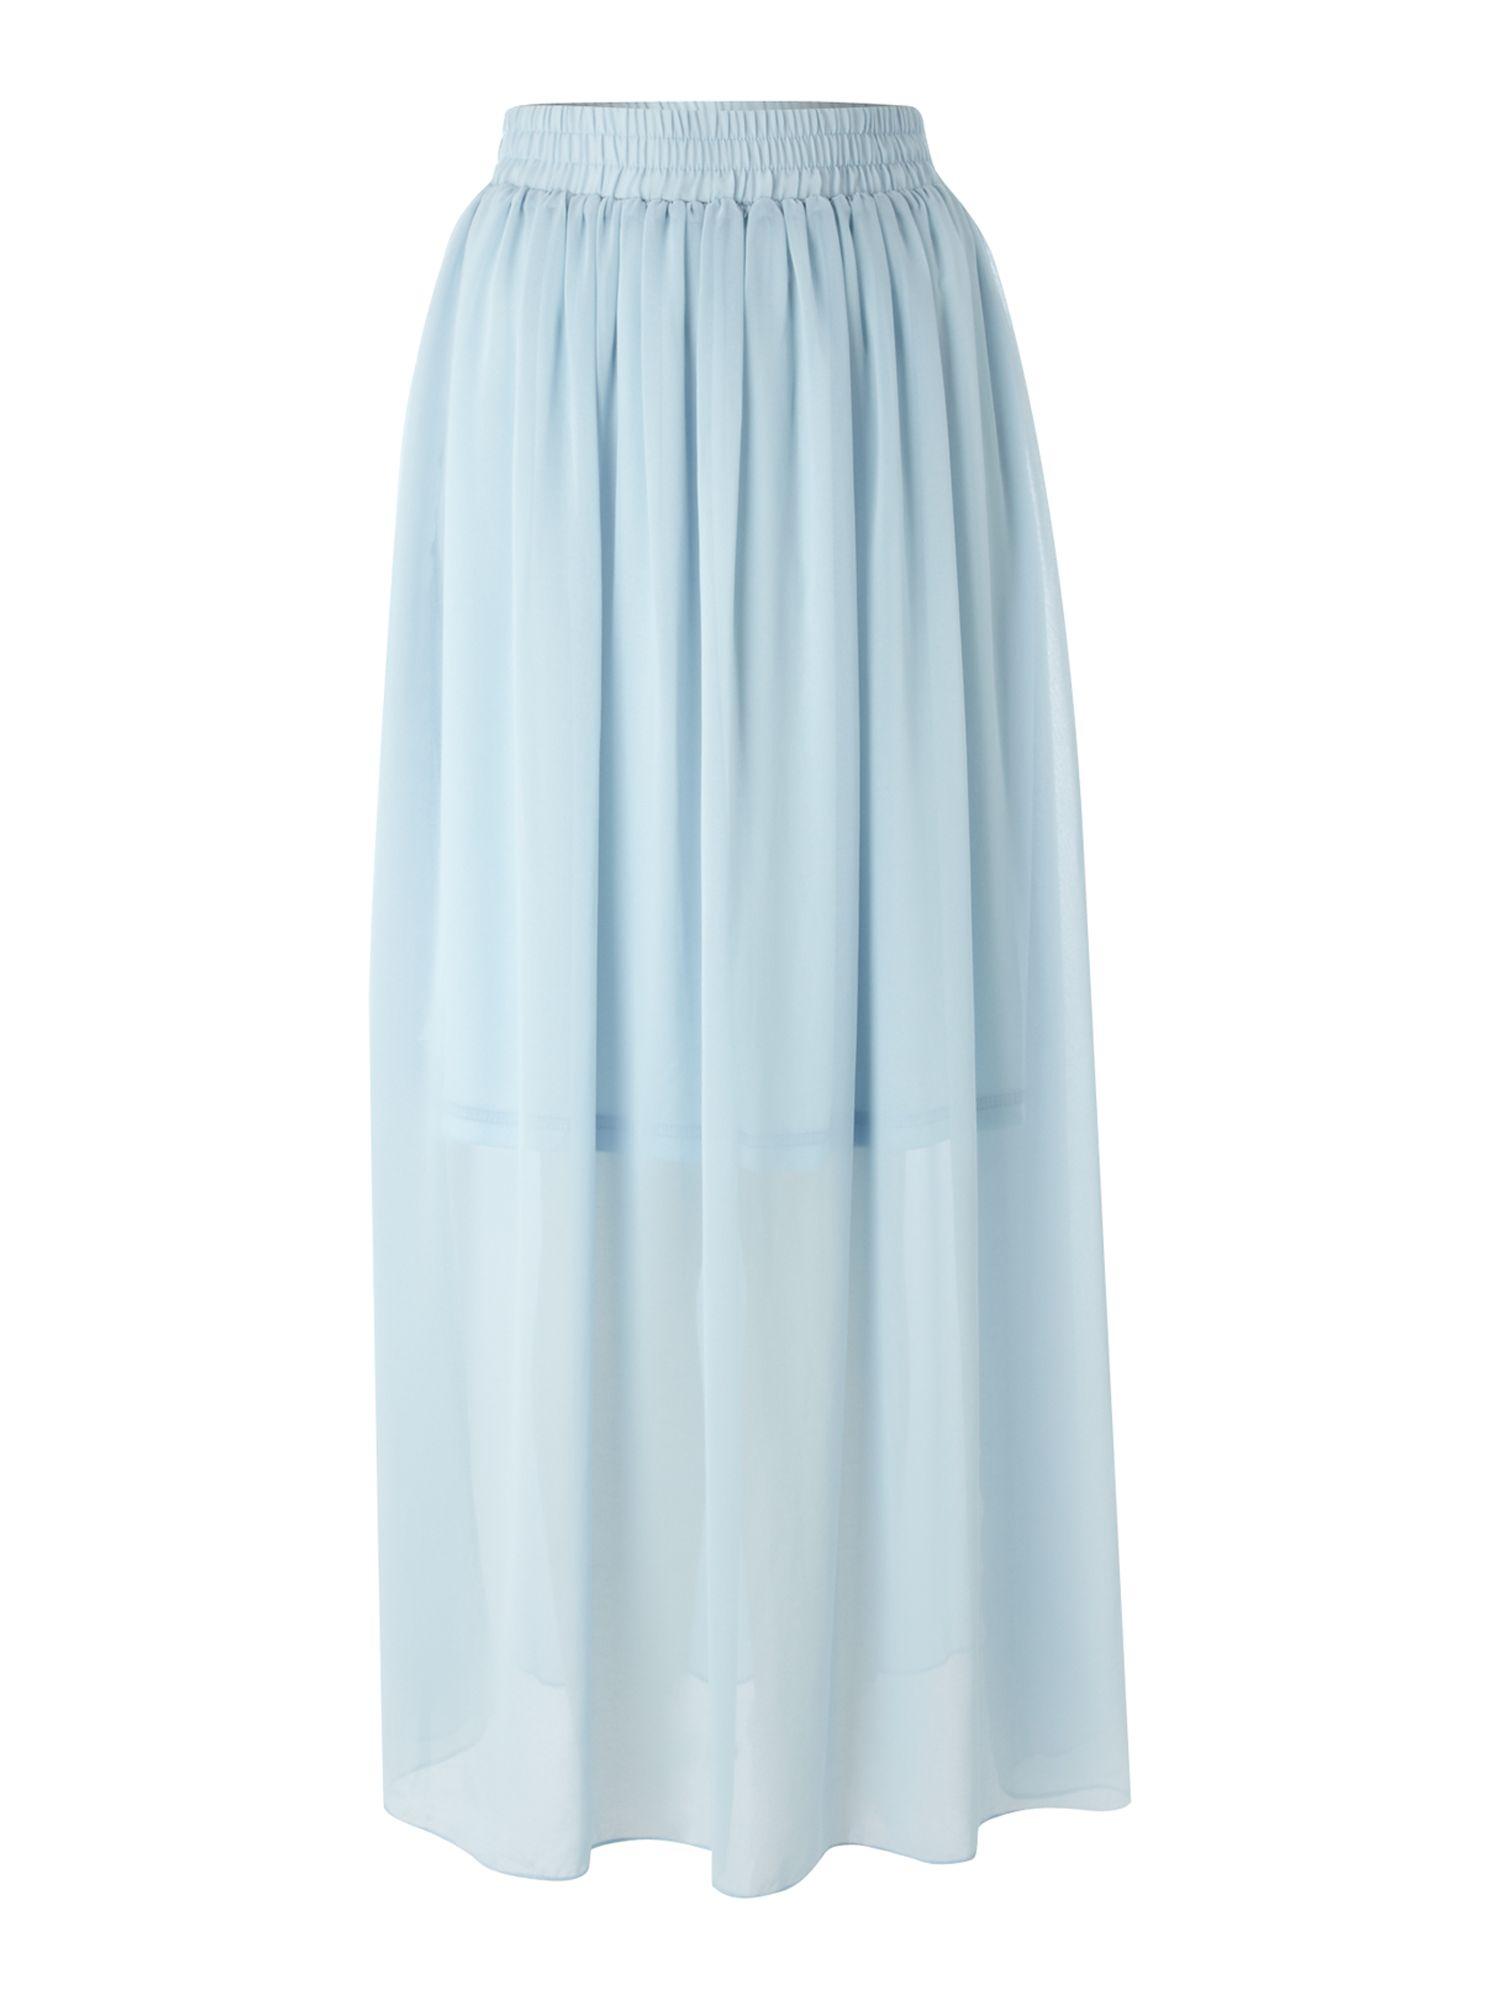 Cheap A Line Denim Skirt 2017 | Jill Dress - Part 410